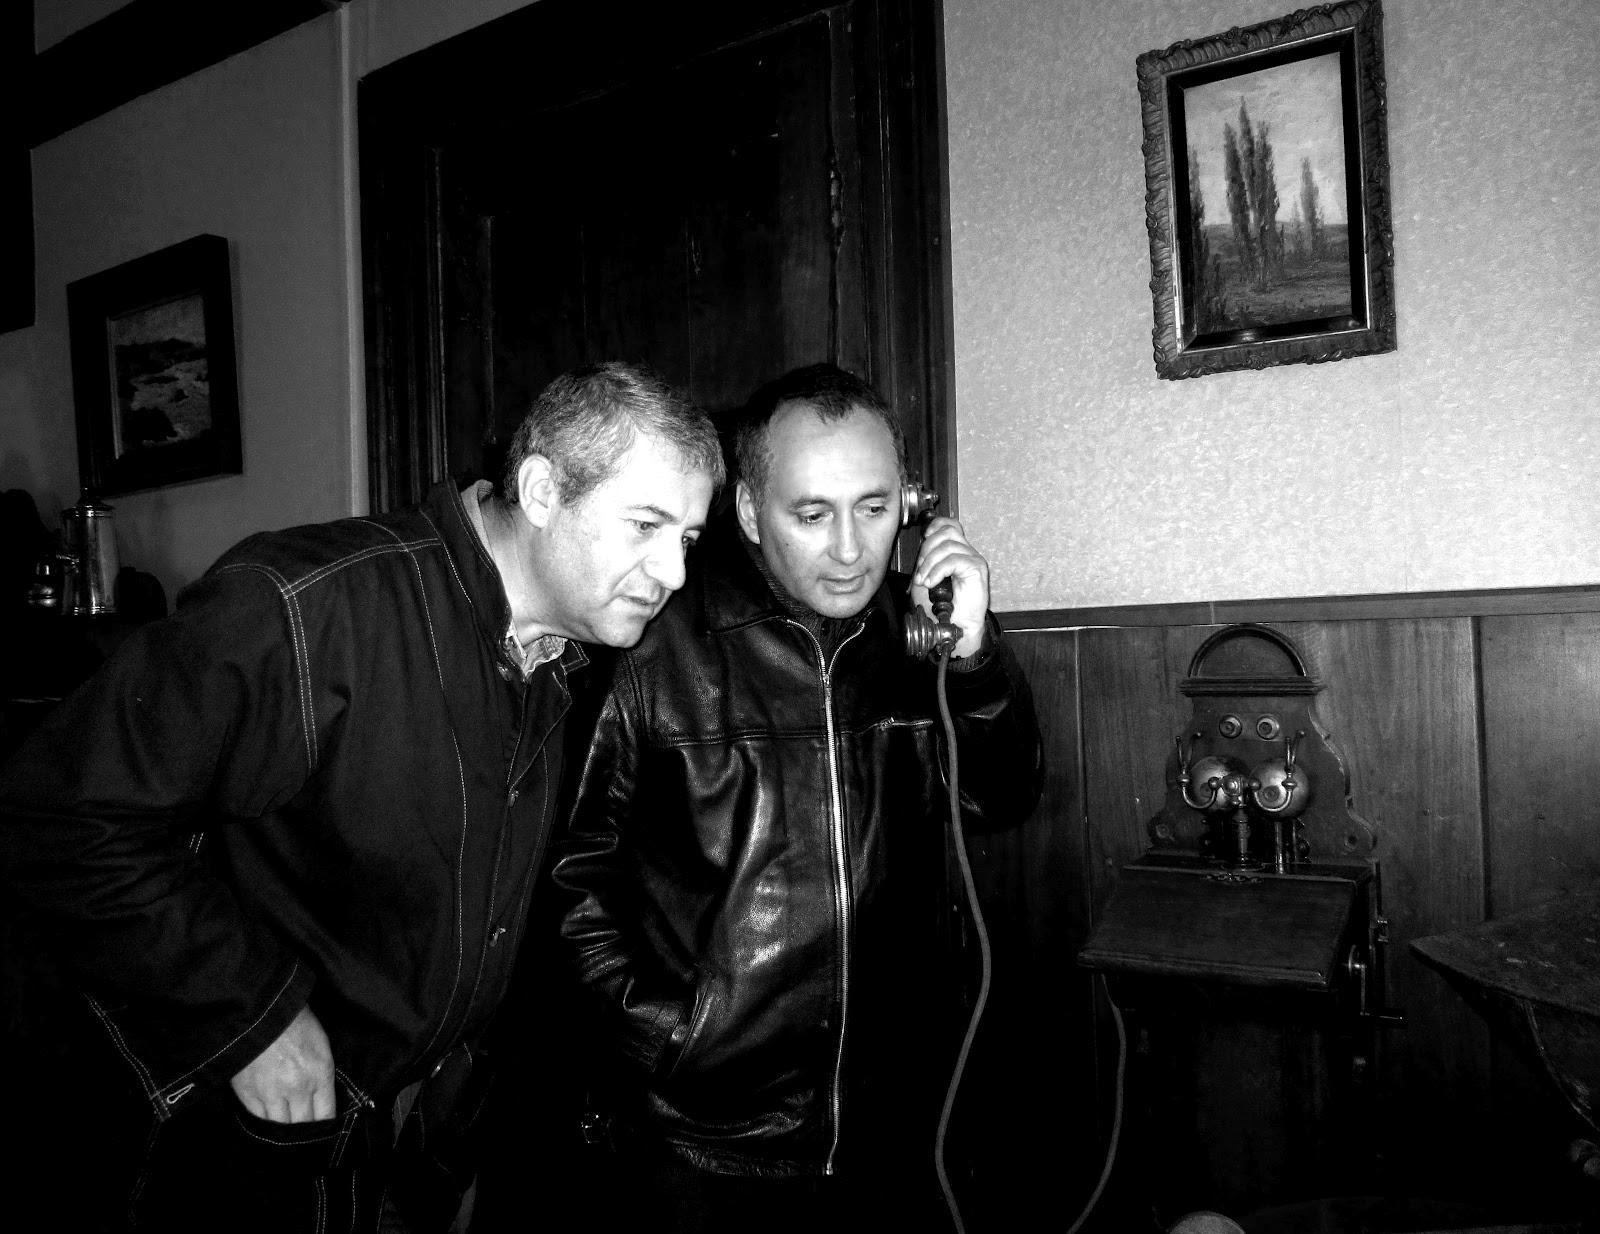 https://i0.wp.com/2.bp.blogspot.com/-WfM1OWJ3d9U/UAzJJ3c7S_I/AAAAAAAAFuU/wM8iQKLsI3w/s1600/Manuel+Solar+y+Adolfo+Vasquez+Rocca+PH.D._+Los+Angeles+2012+_El+Telefono+de+Hitler.jpeg